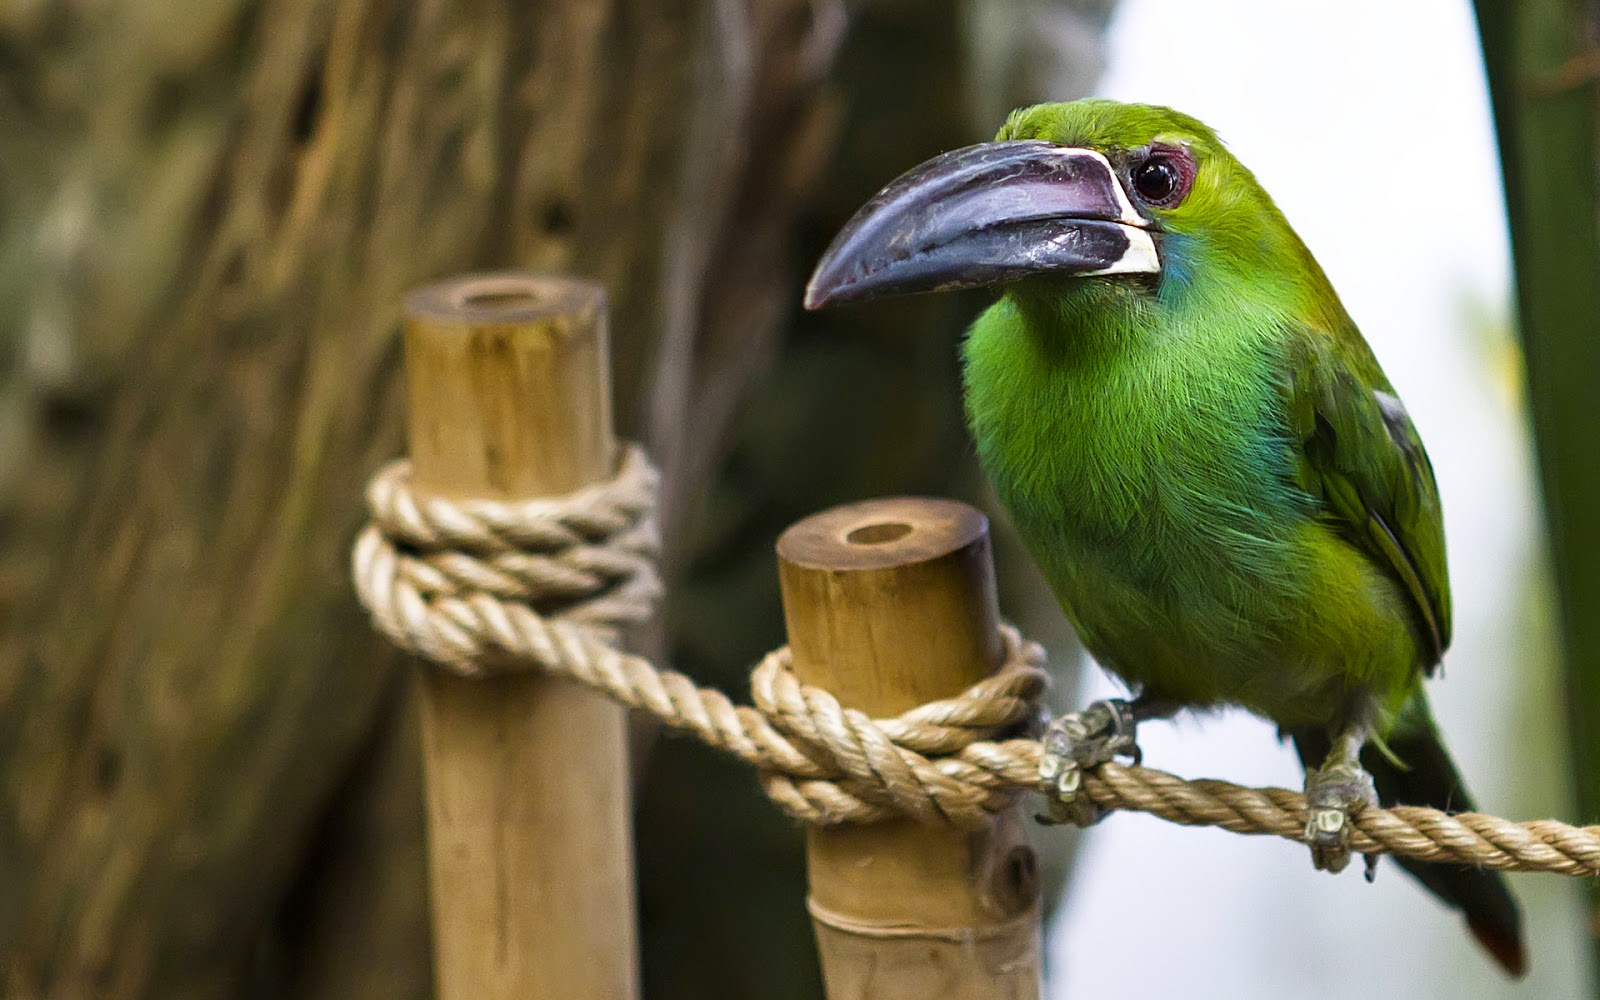 Green Bird Best Wallpaper